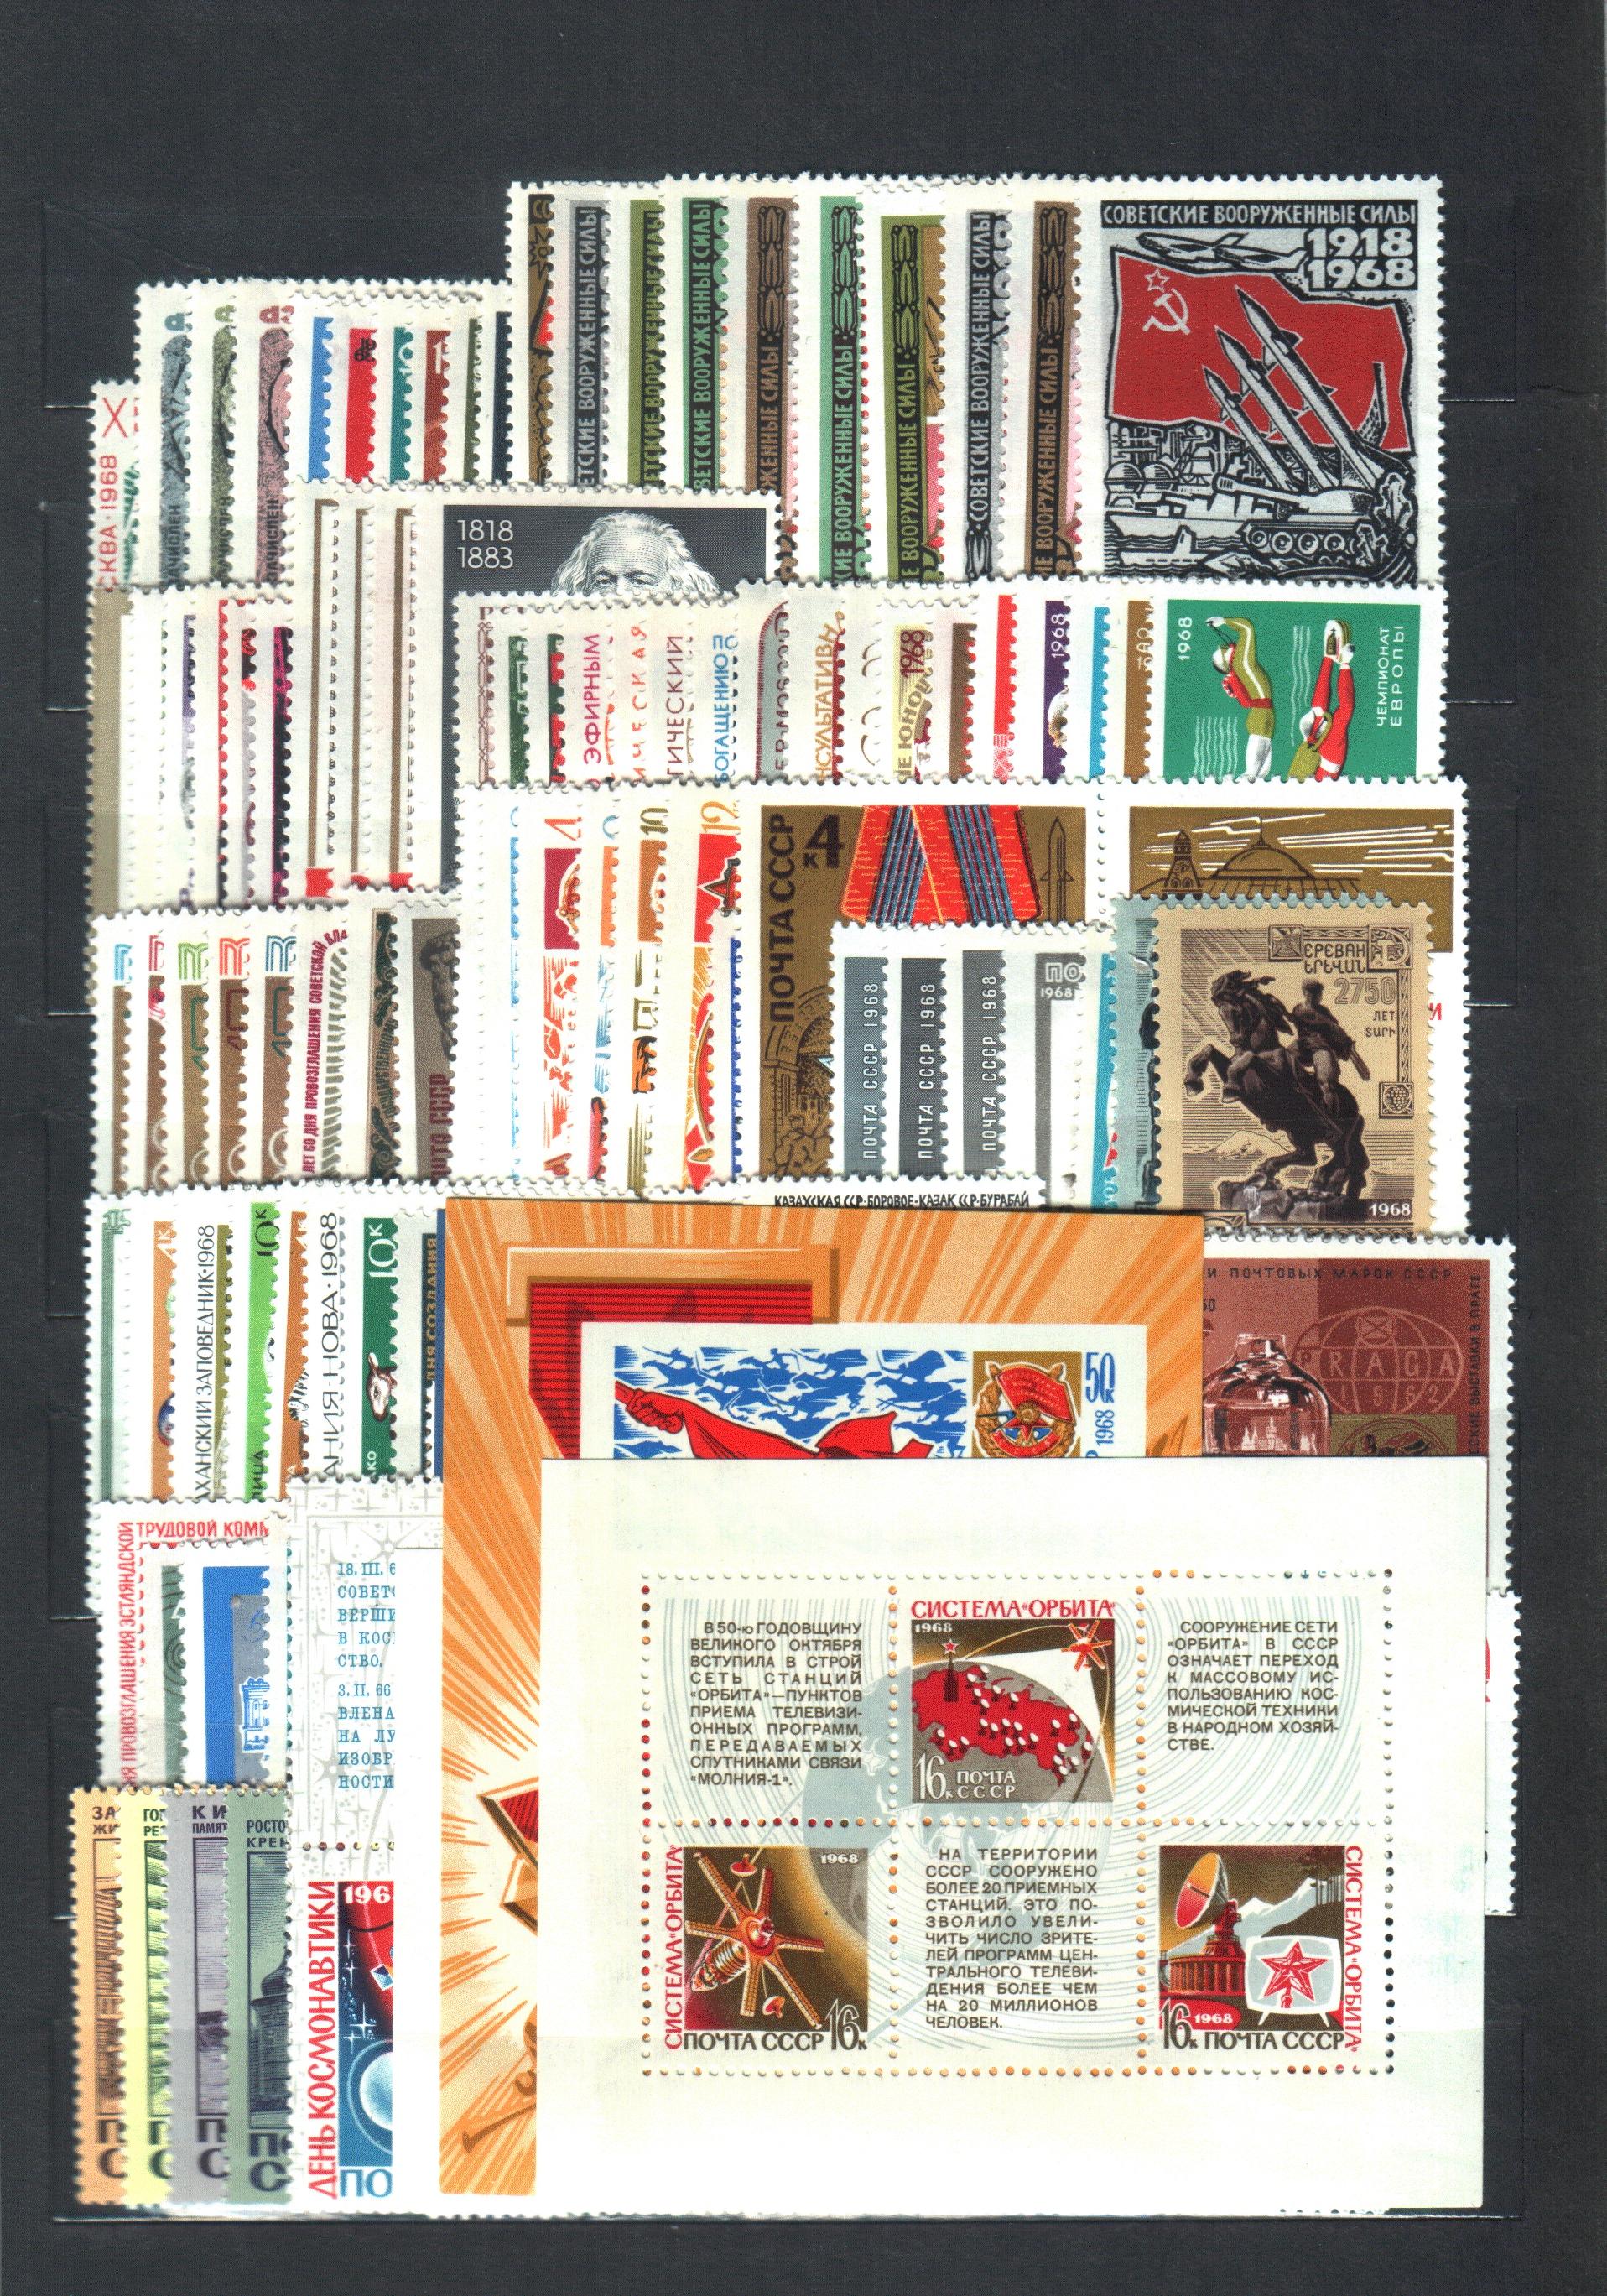 Годовой набор почтовых марок СССР 1968 год, 134 почтовых марки, 4 почтовых блока